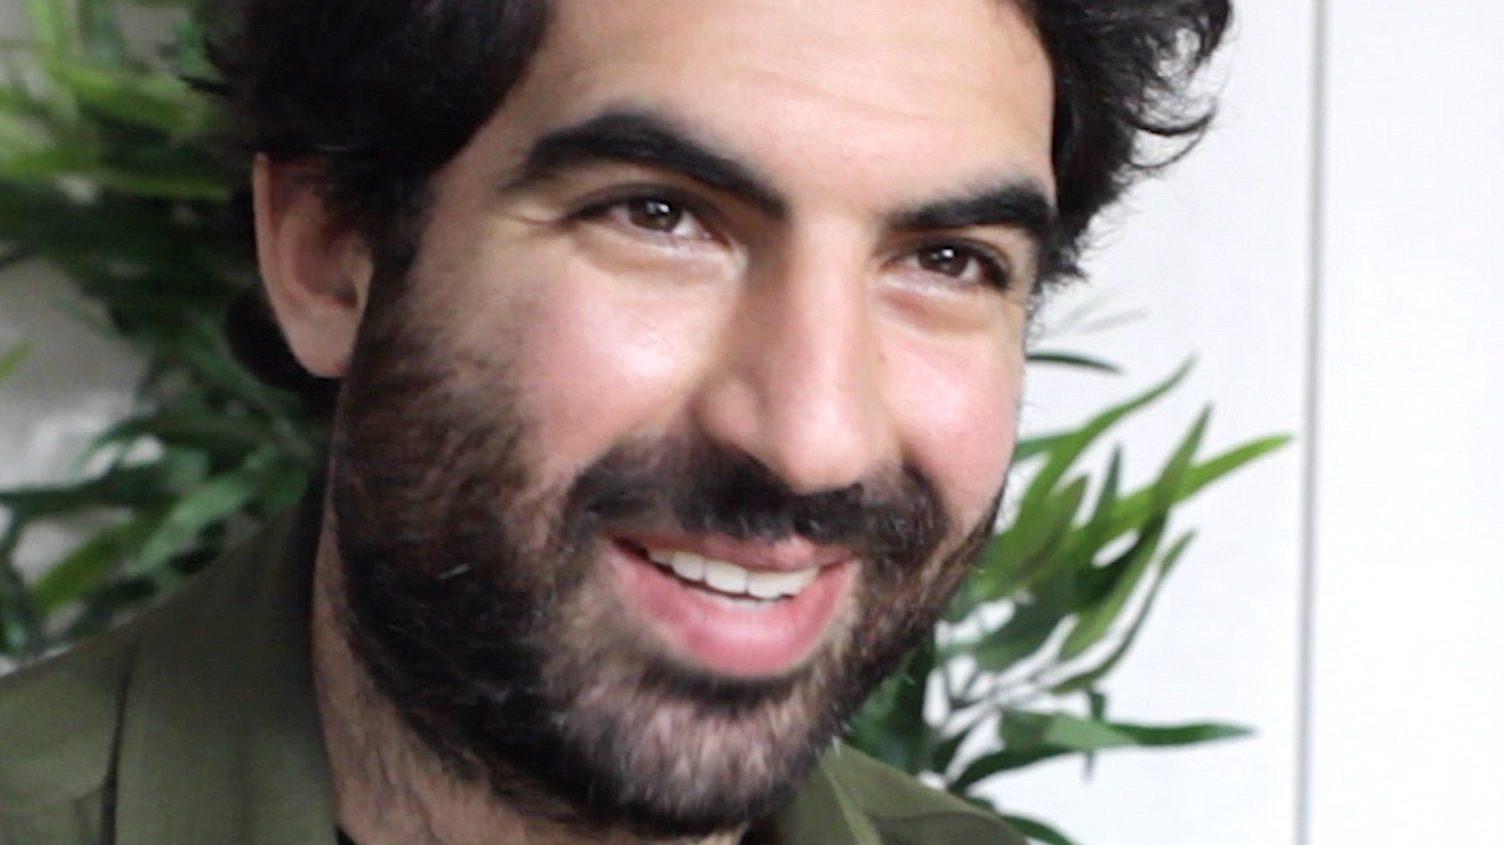 Sacha Lazimi (Yubo) : Yubo, propose des interactions réelles et saines et non un monde de likes